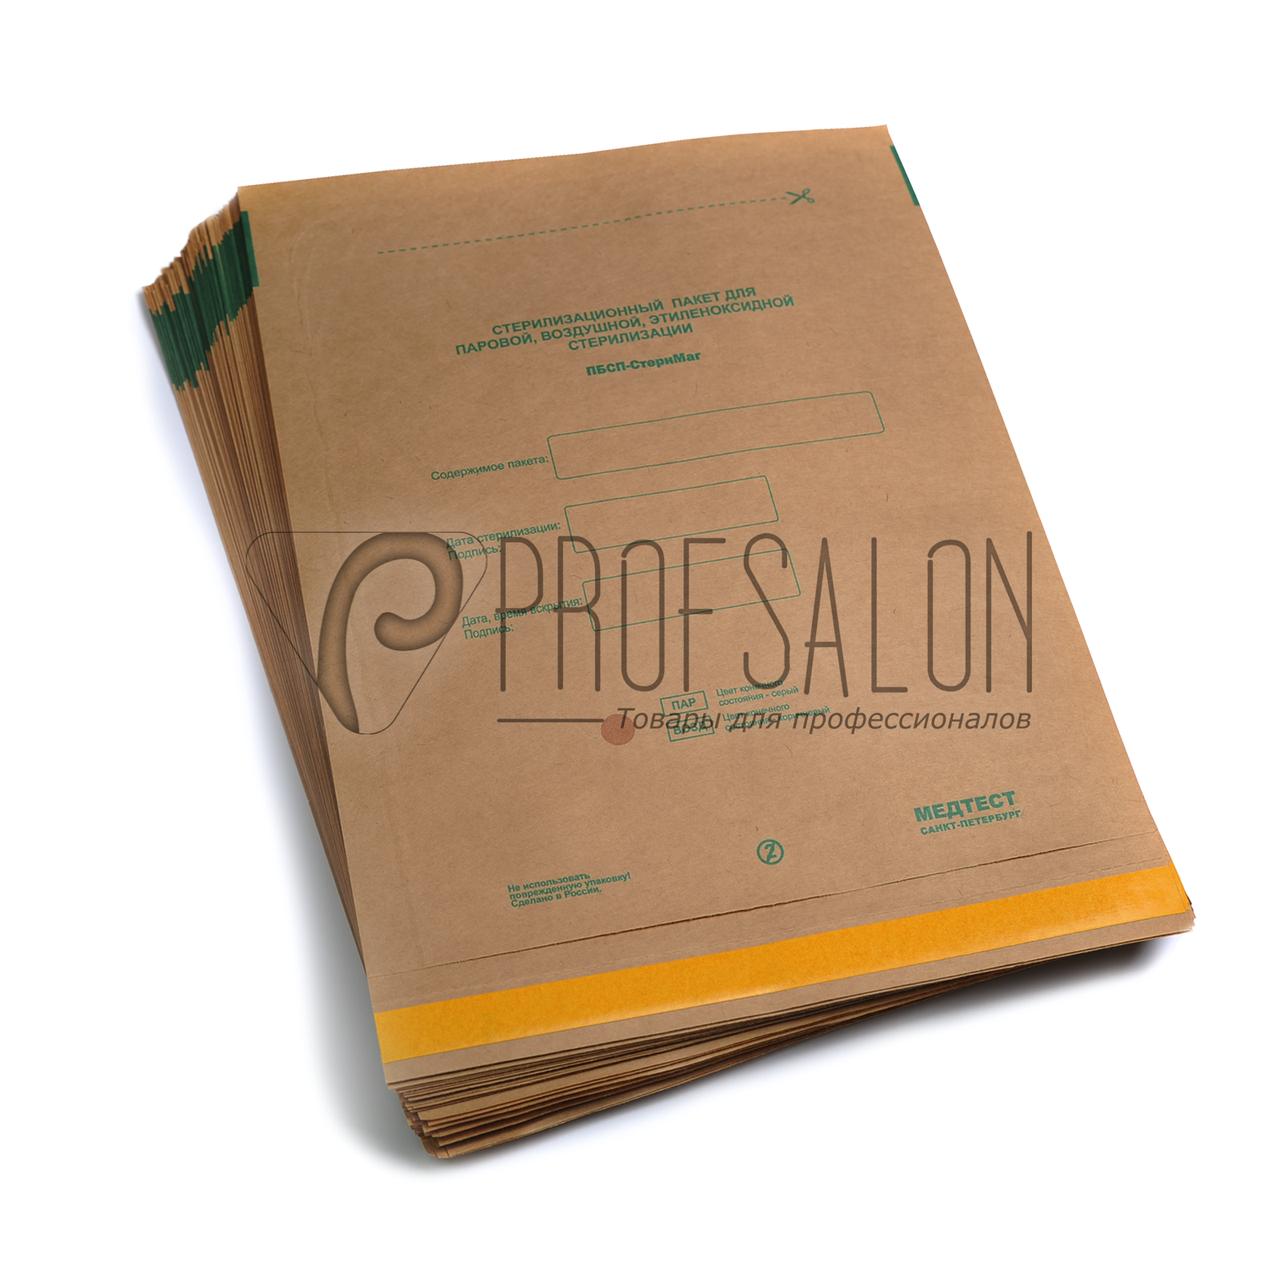 Крафт пакеты для стерилизации 300х390 Медтест, с индикатором-паровой, воздушной, этиленоксидной 100 шт